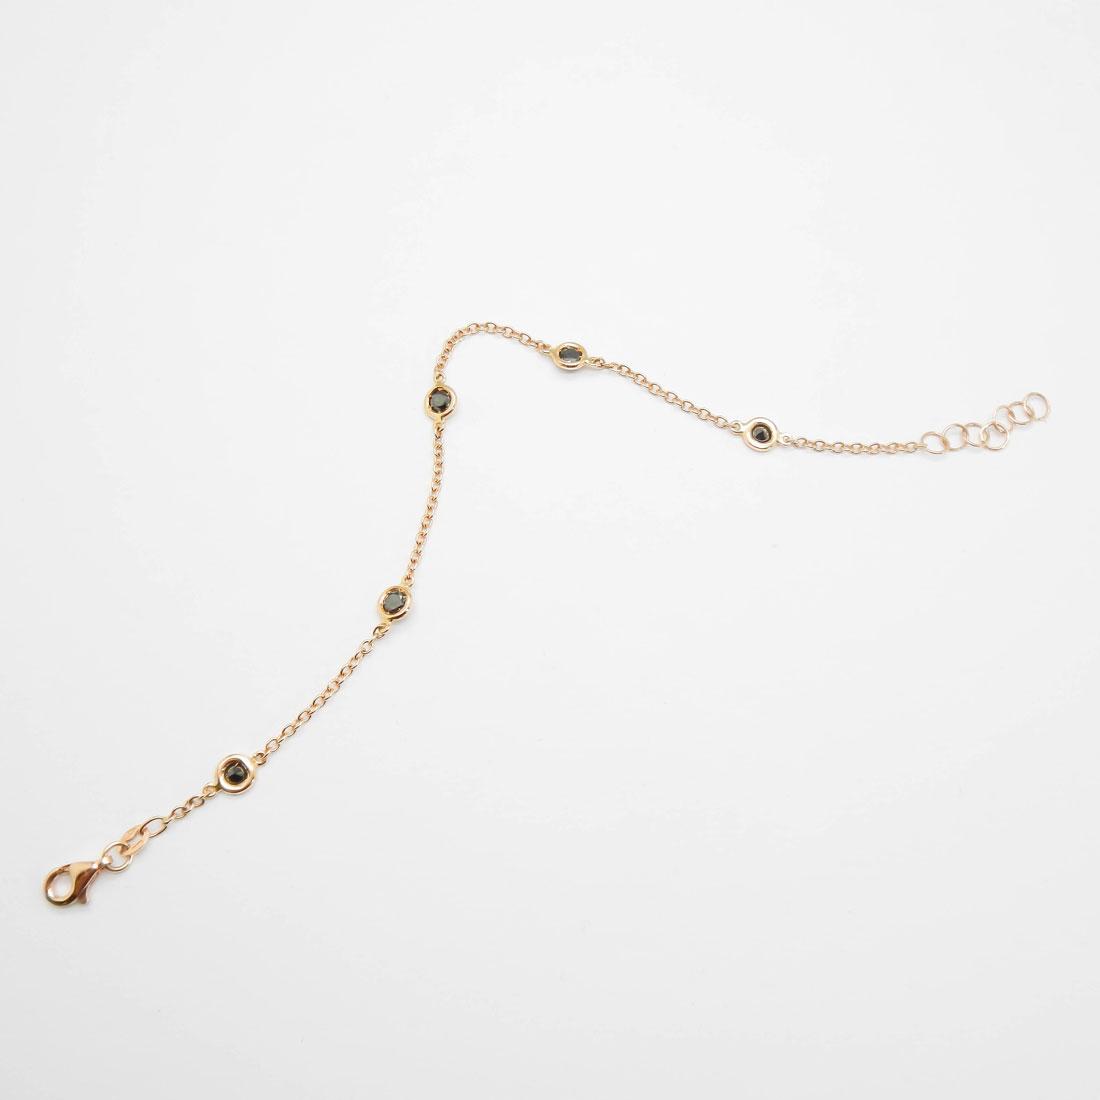 il-marchese-diamonds-diamanti-gioielli-artigianali-bracciale-maglia-oro-rosa-diamanti-neri-3